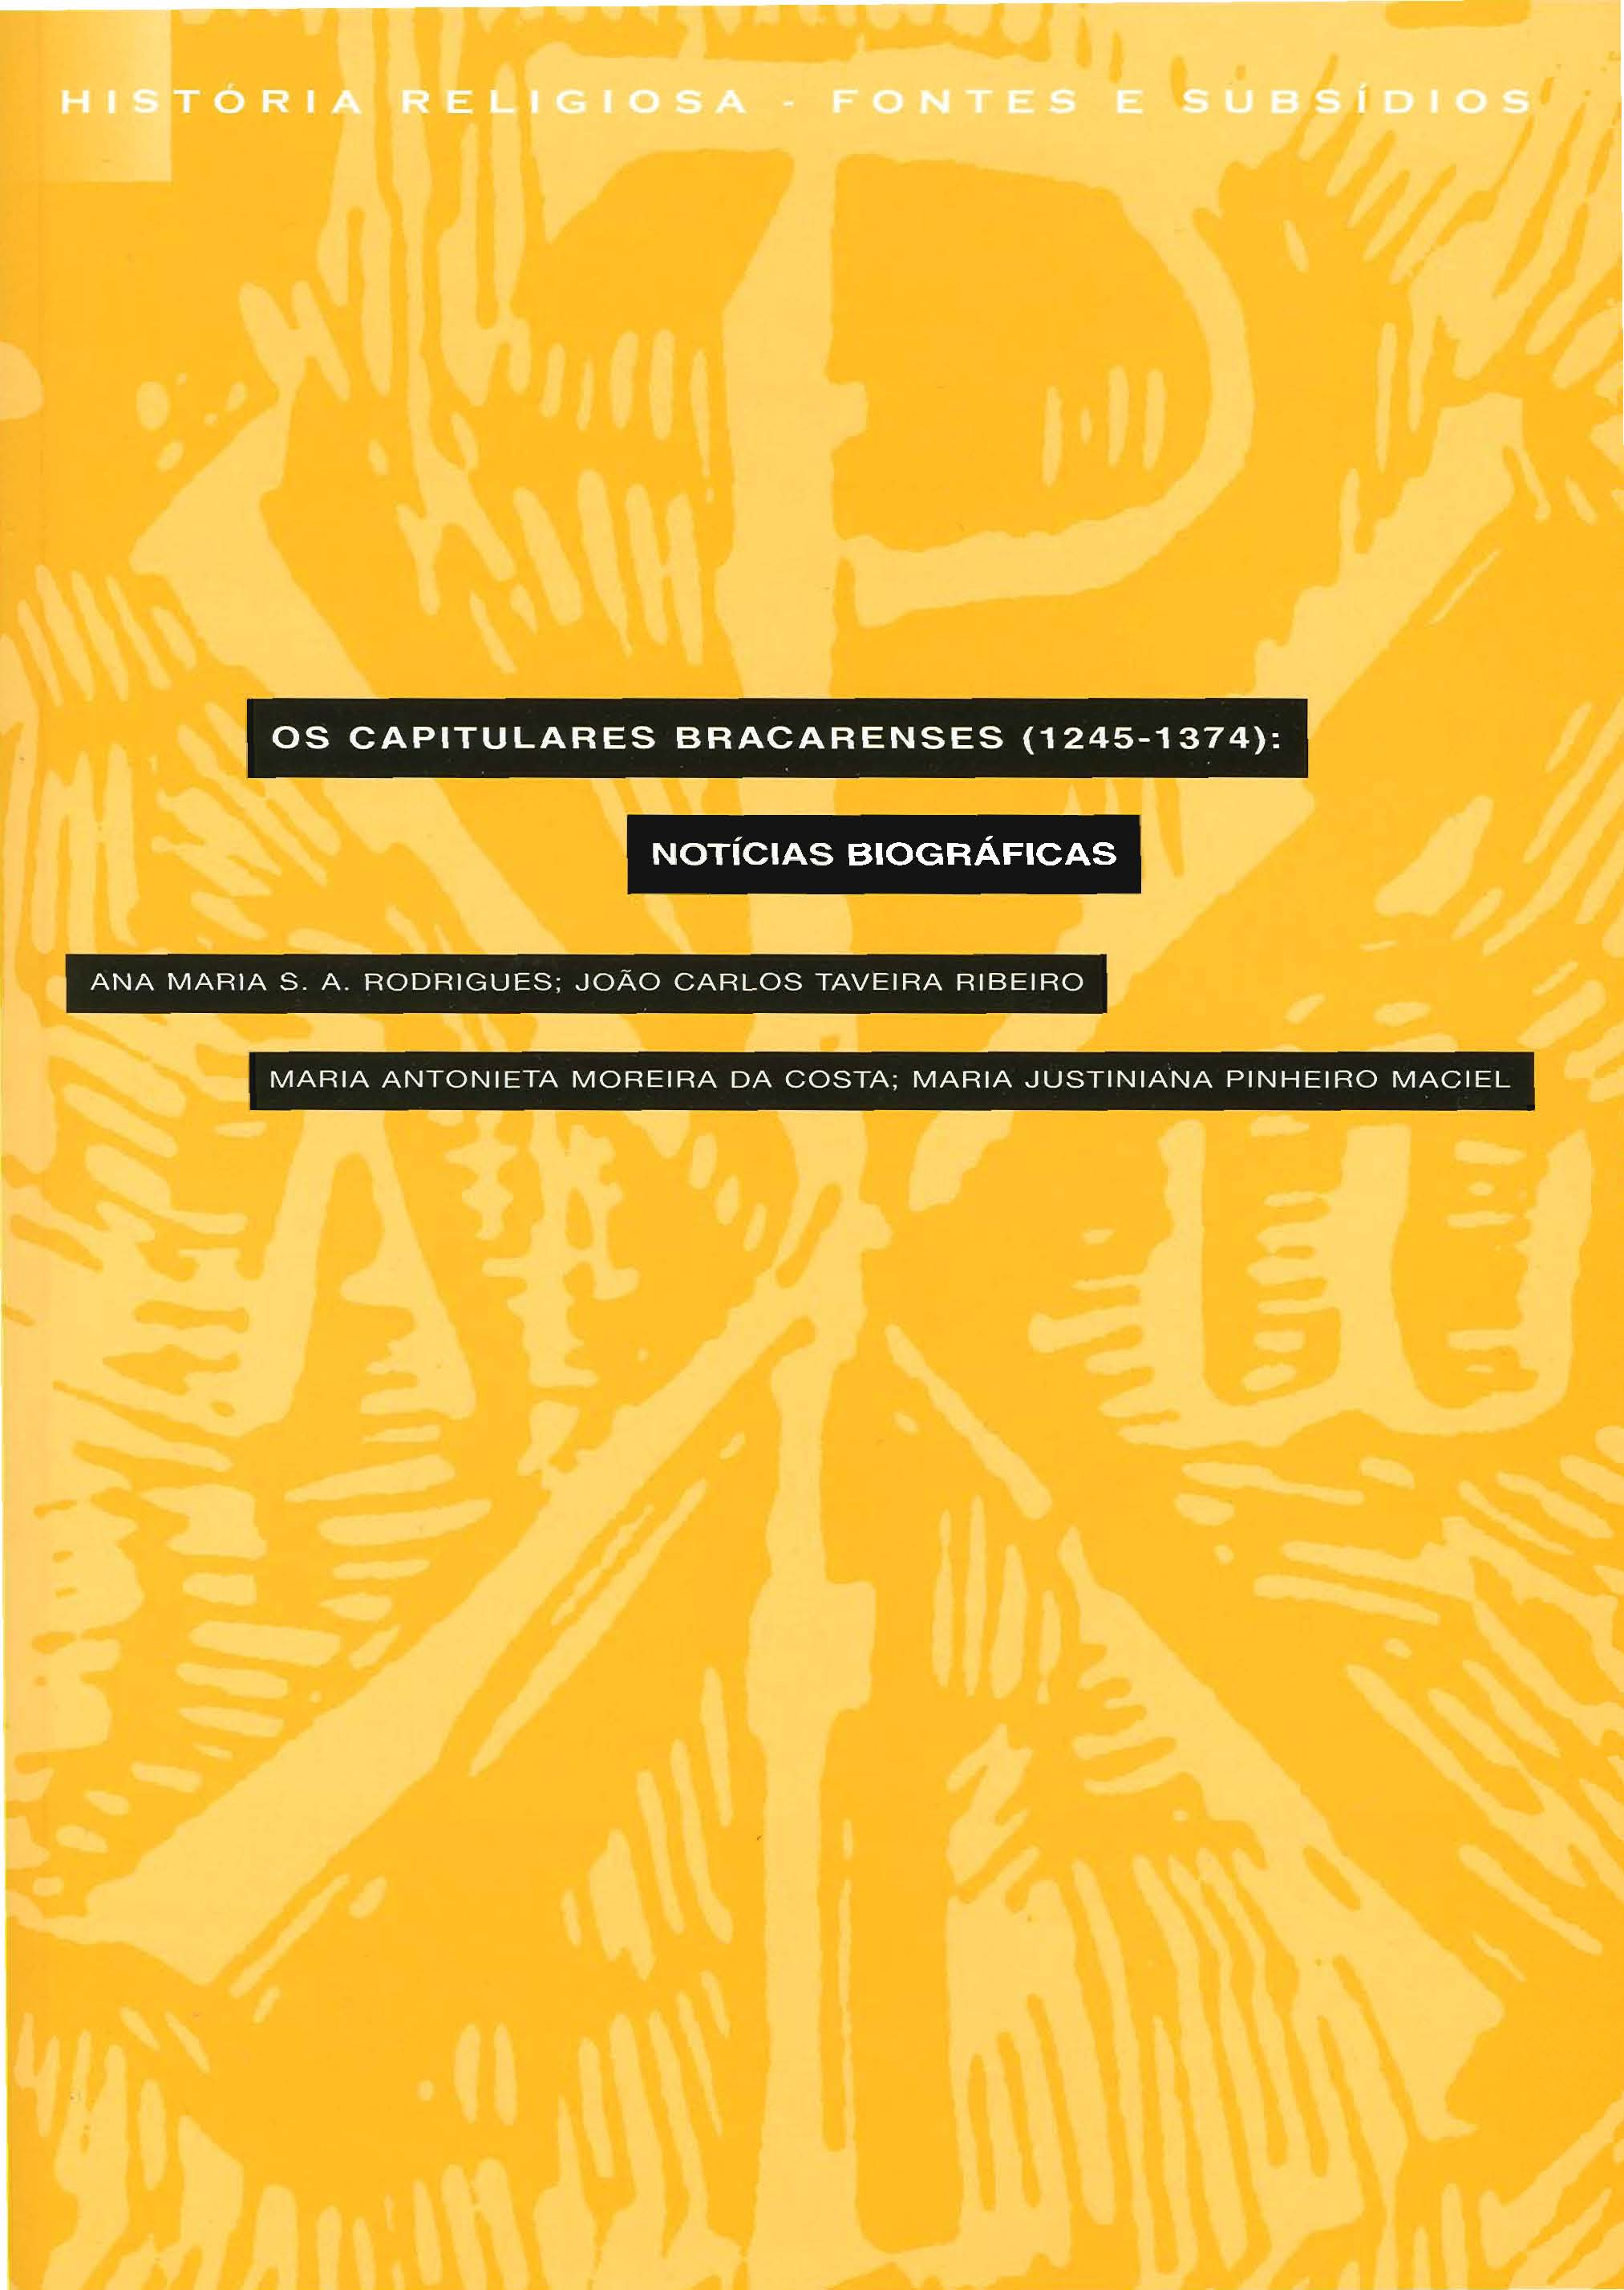 OS CAPITULARES BRACARENSES (1245-1374): Notícias Biográficas